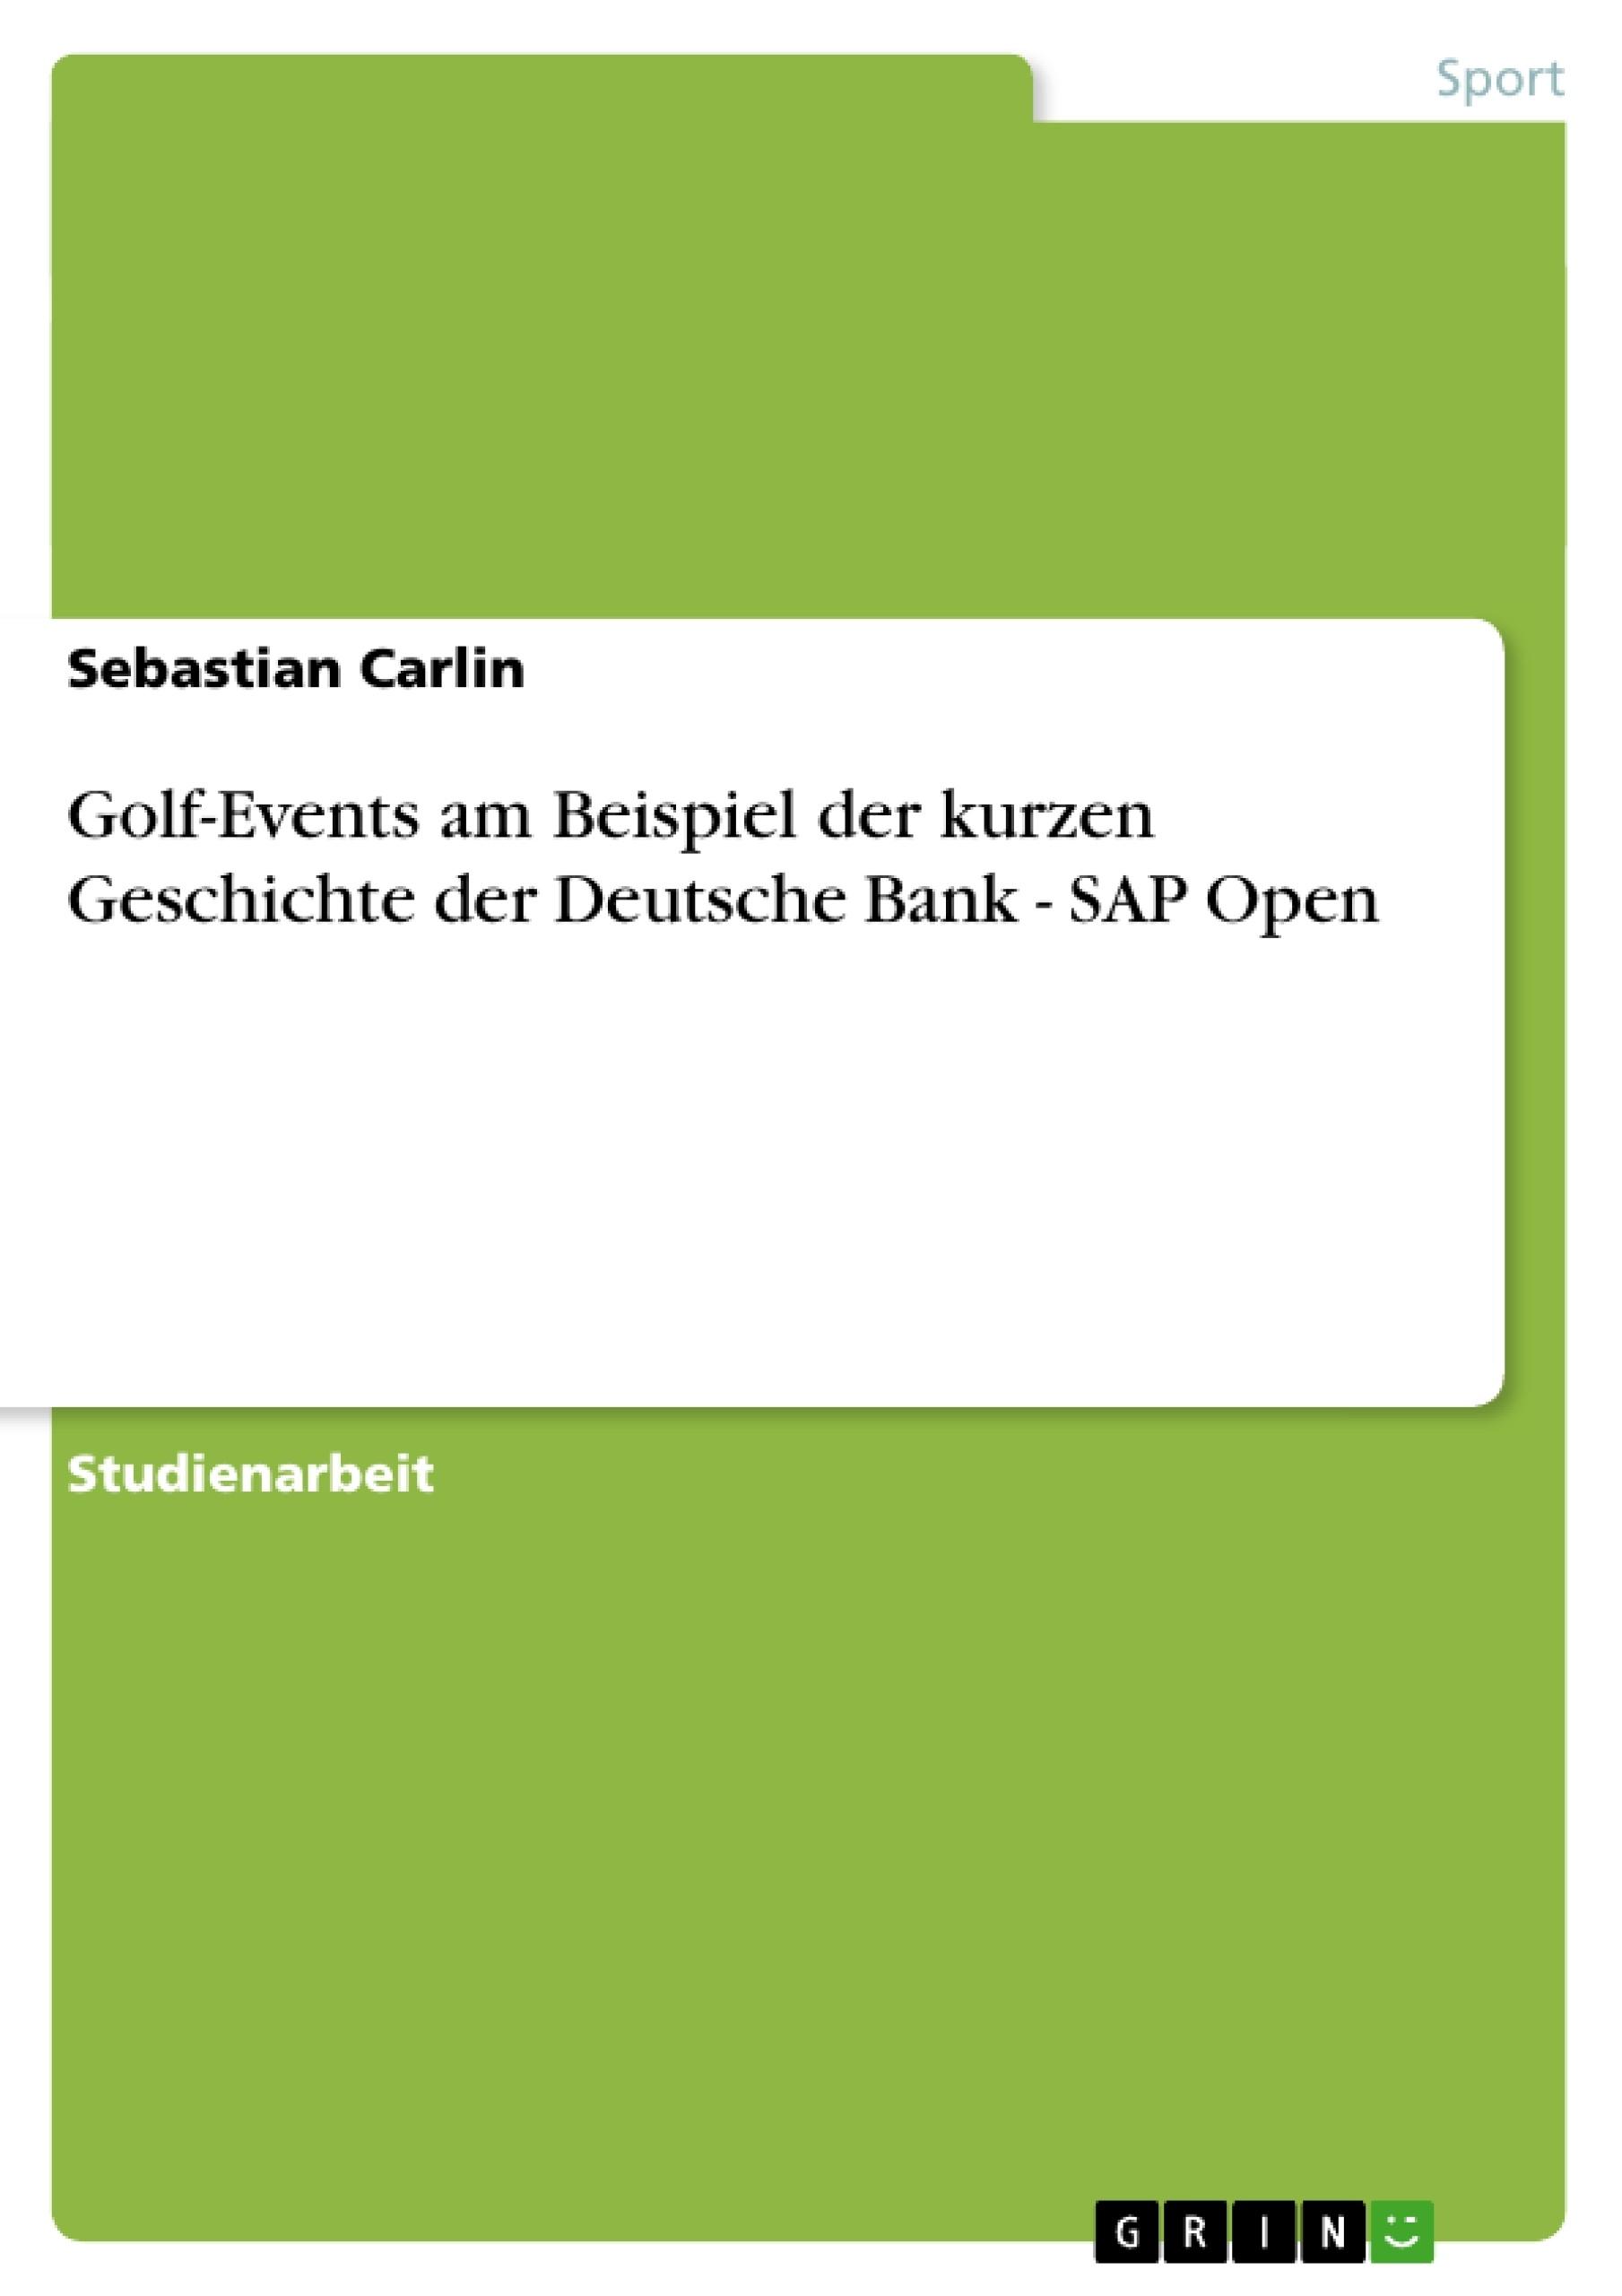 Titel: Golf-Events am Beispiel der kurzen Geschichte der Deutsche Bank - SAP Open